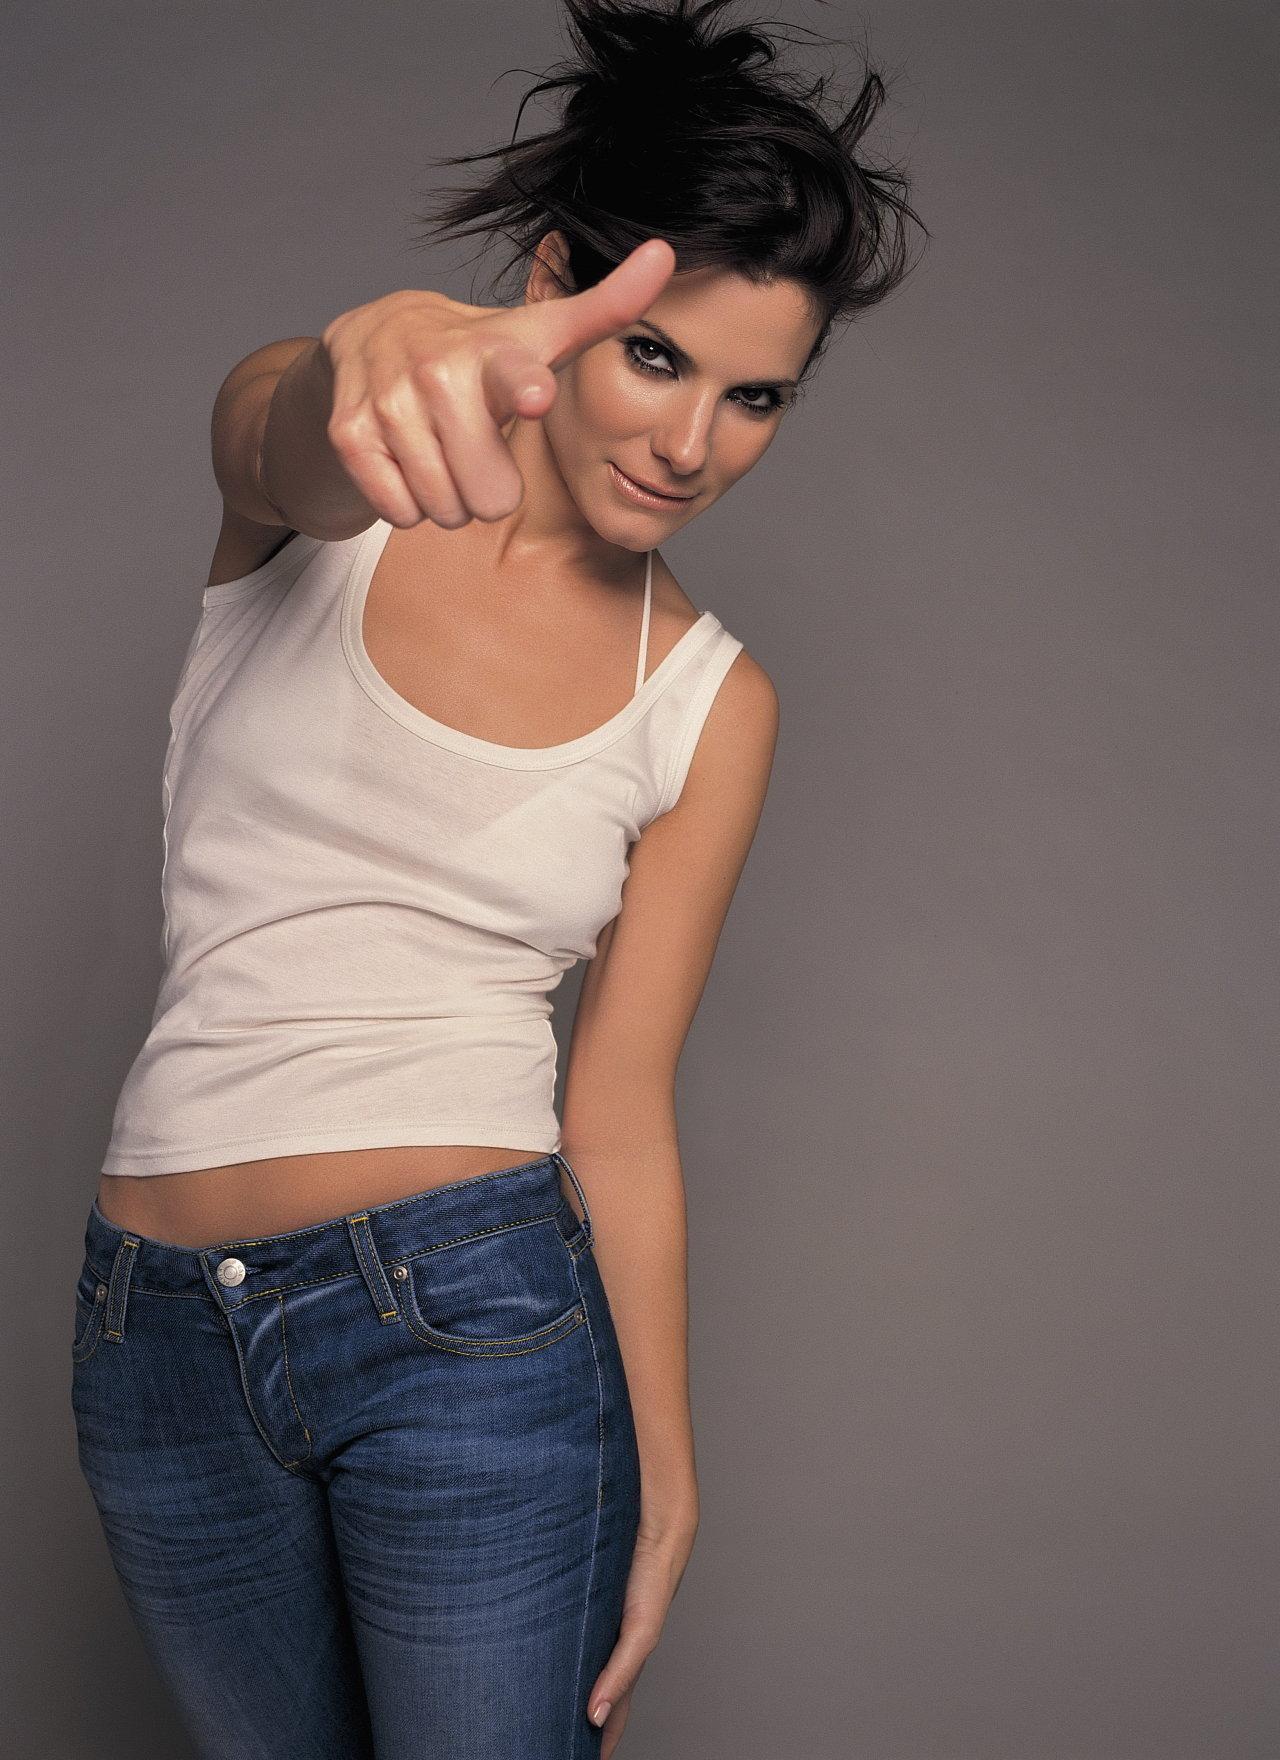 Sandra-Bullock-sandra-bullock-19873194-1280-1760.jpg